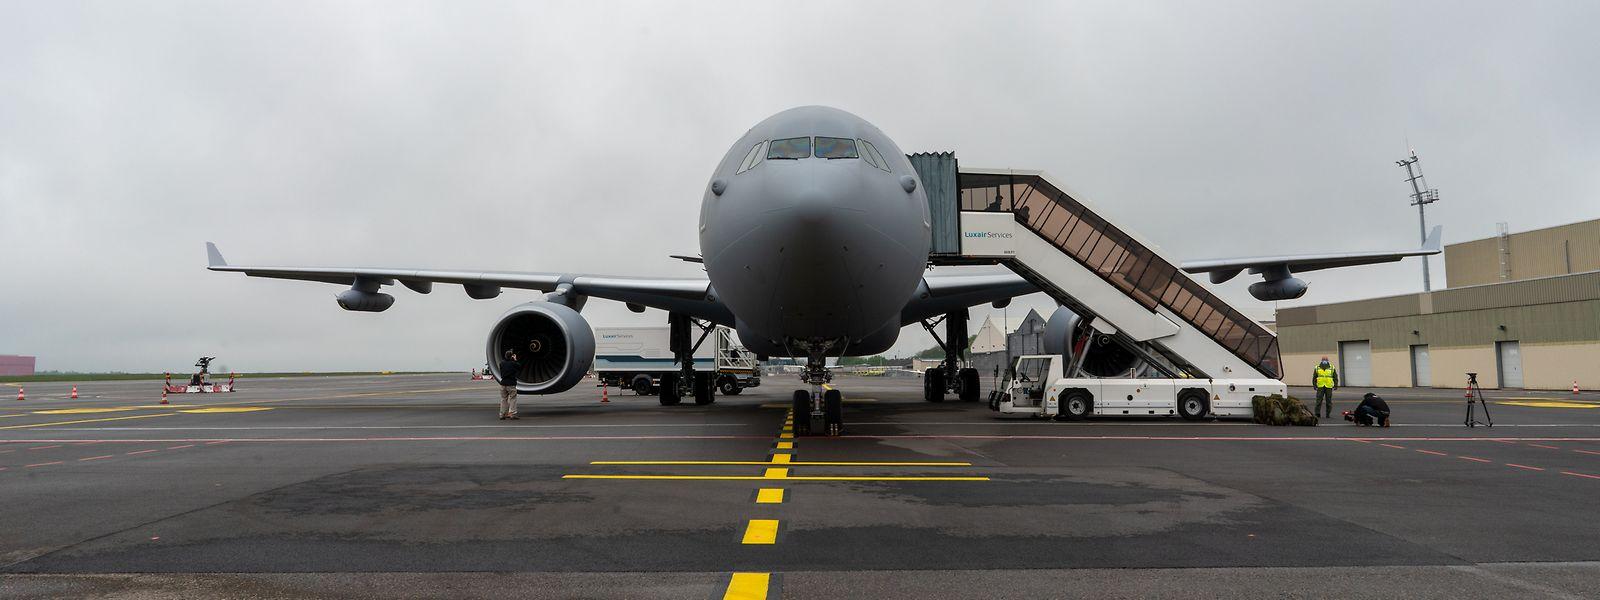 Neben der Betankungsanlage unterscheidet sich die militärische Variante des A330 noch durch seine graue Lackierung von zivilen Maschinen desselben Typs.